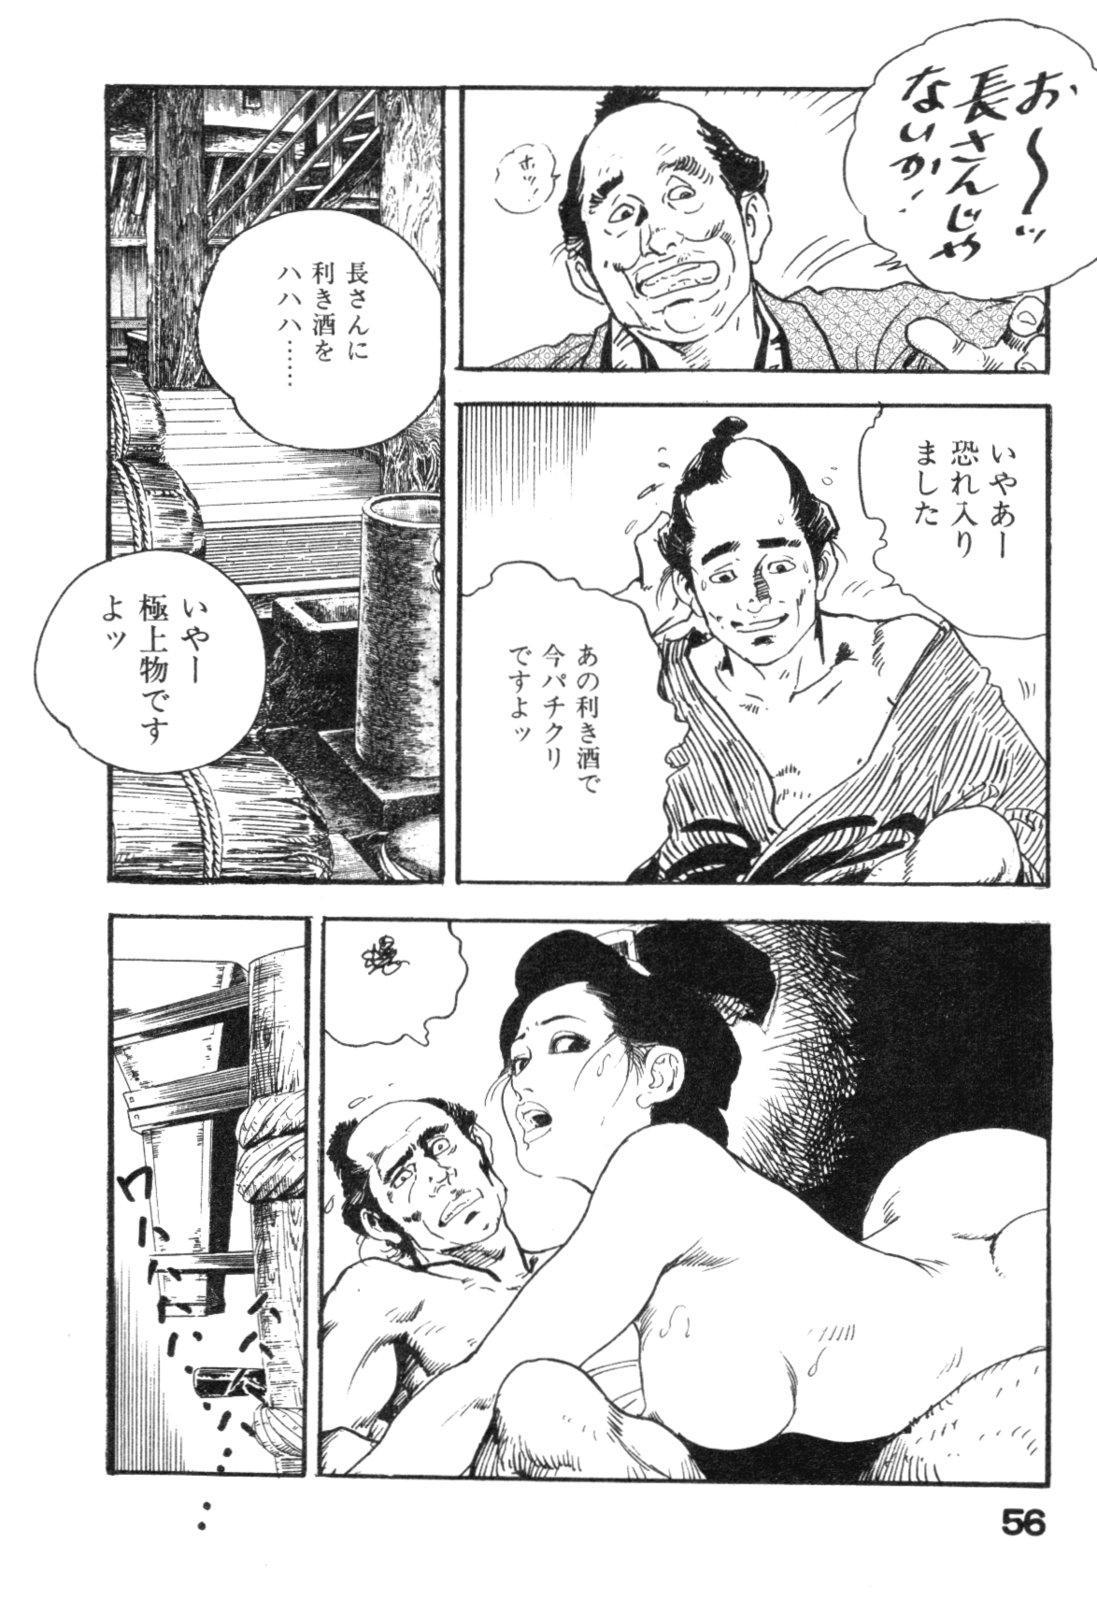 Jidaigeki Series 2 ~ Midare Kannon 58